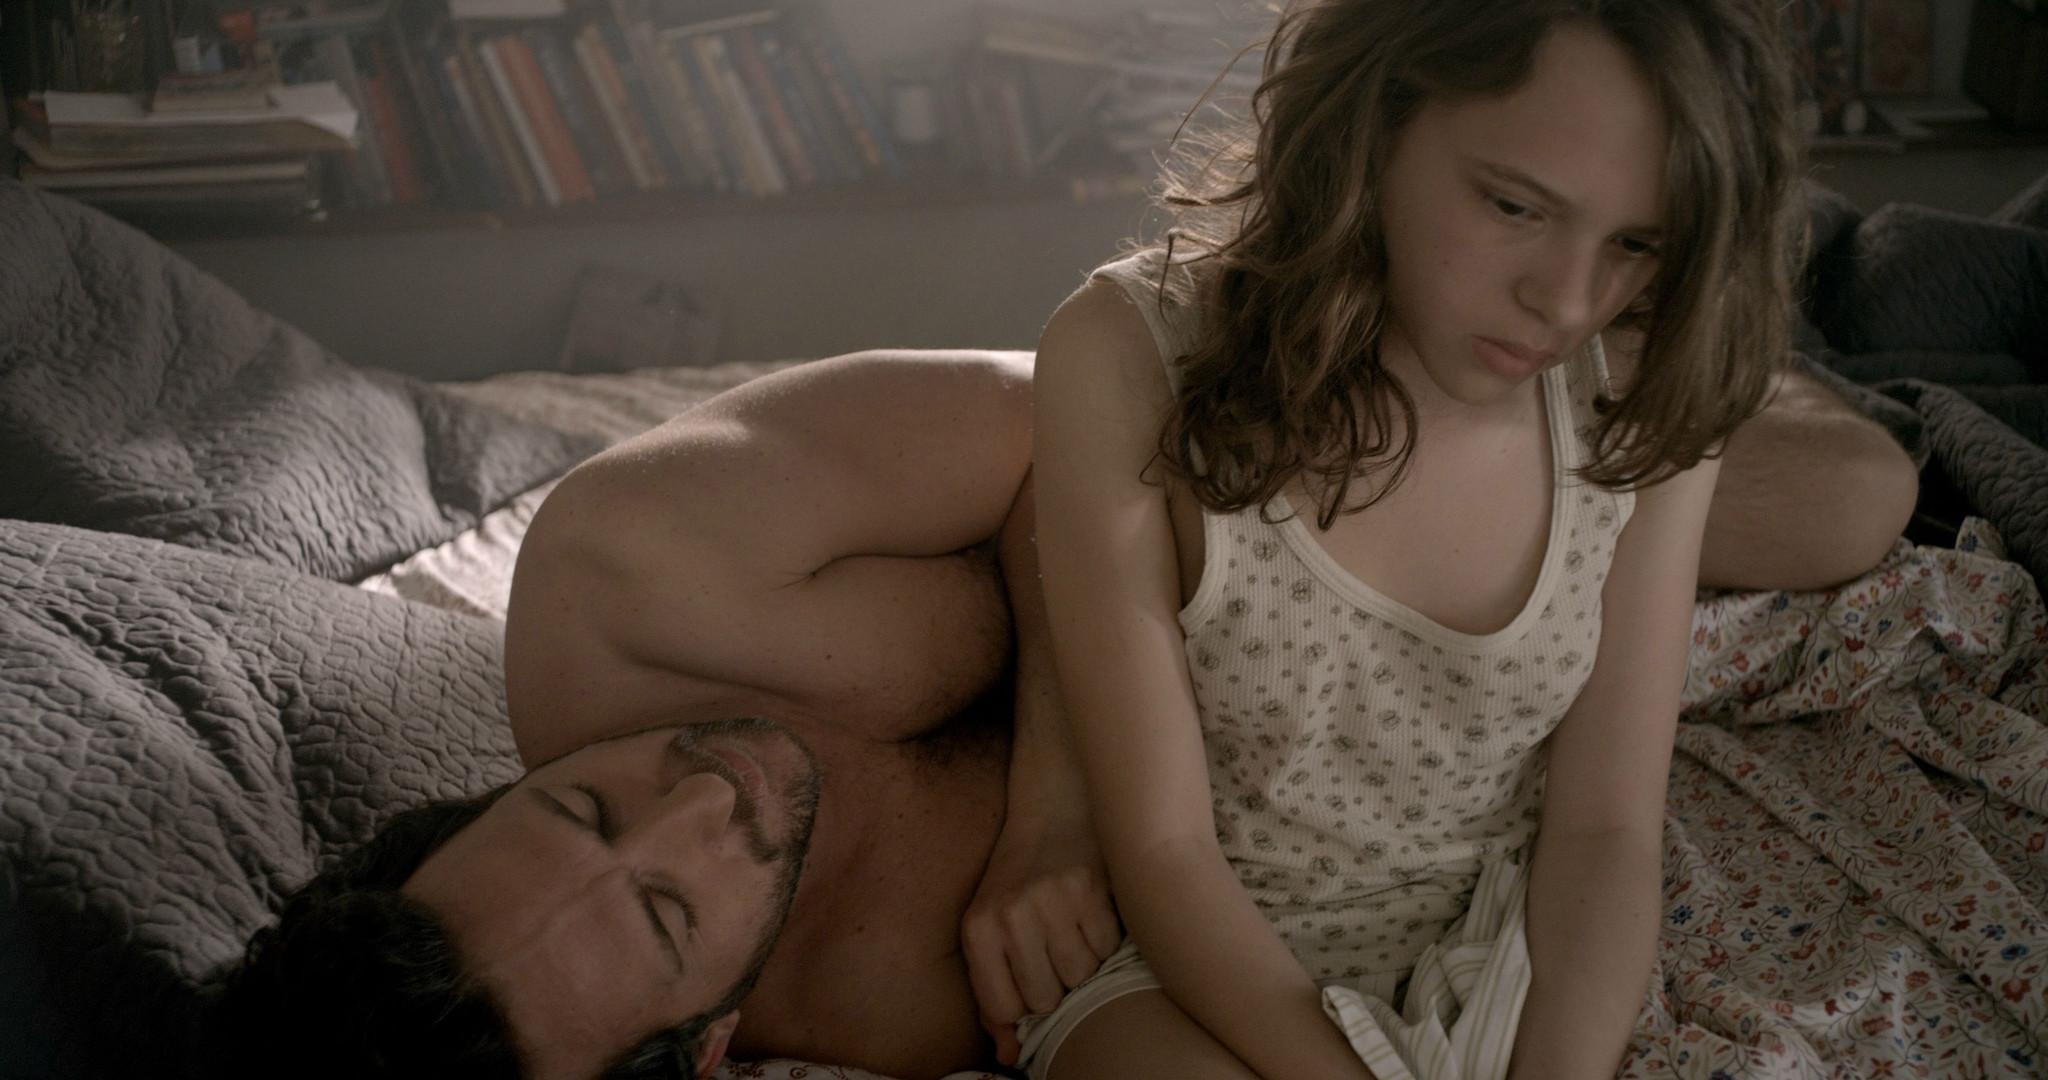 Смотреть в онлайн русское домашний секс, Русское домашние порно онлайн бесплатно 16 фотография